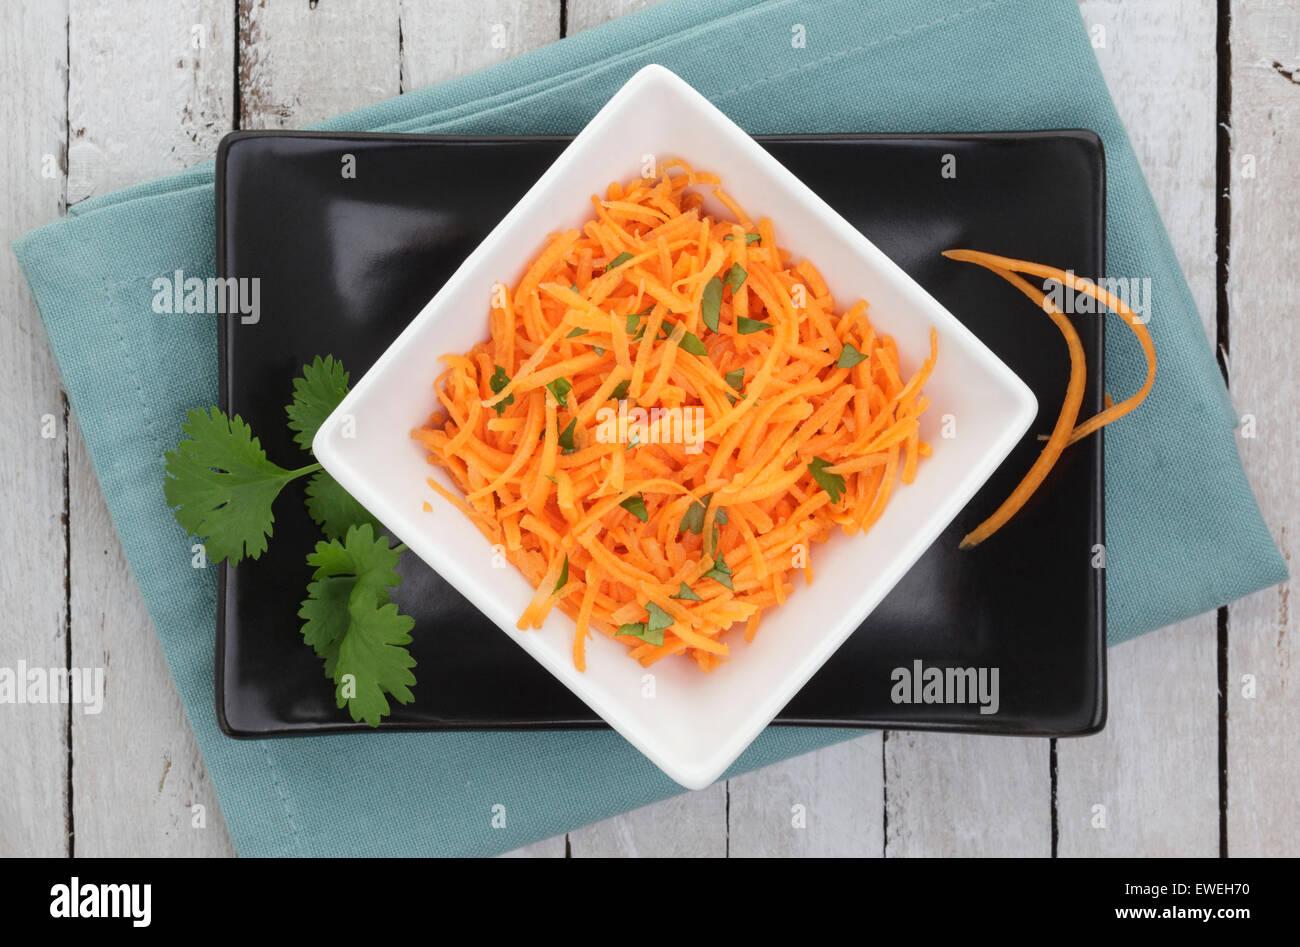 Insalata di carote guarnita con coriandolo Immagini Stock